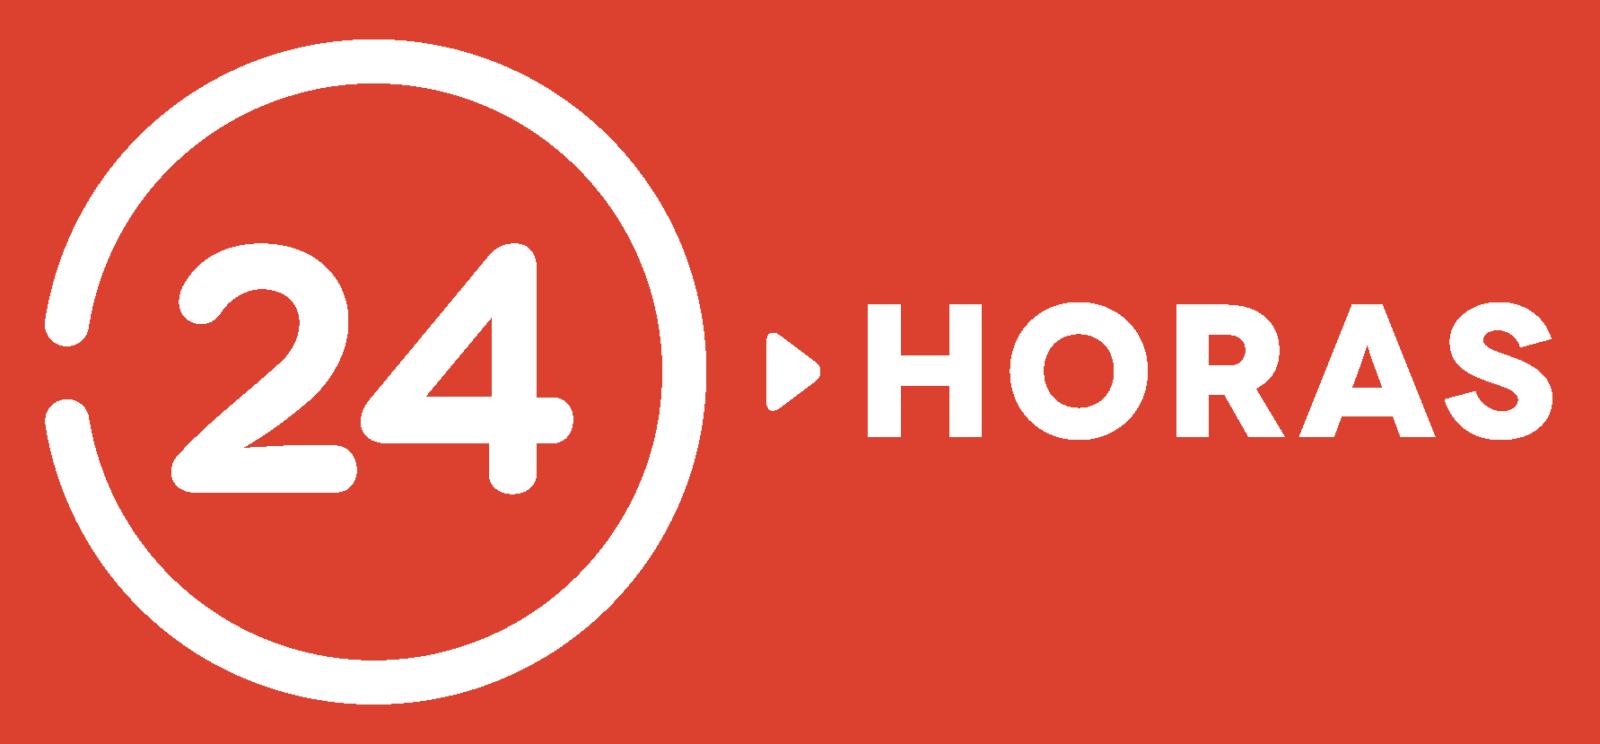 Desentupidora BH – Desentupimento Ligue Preço Por Telefone